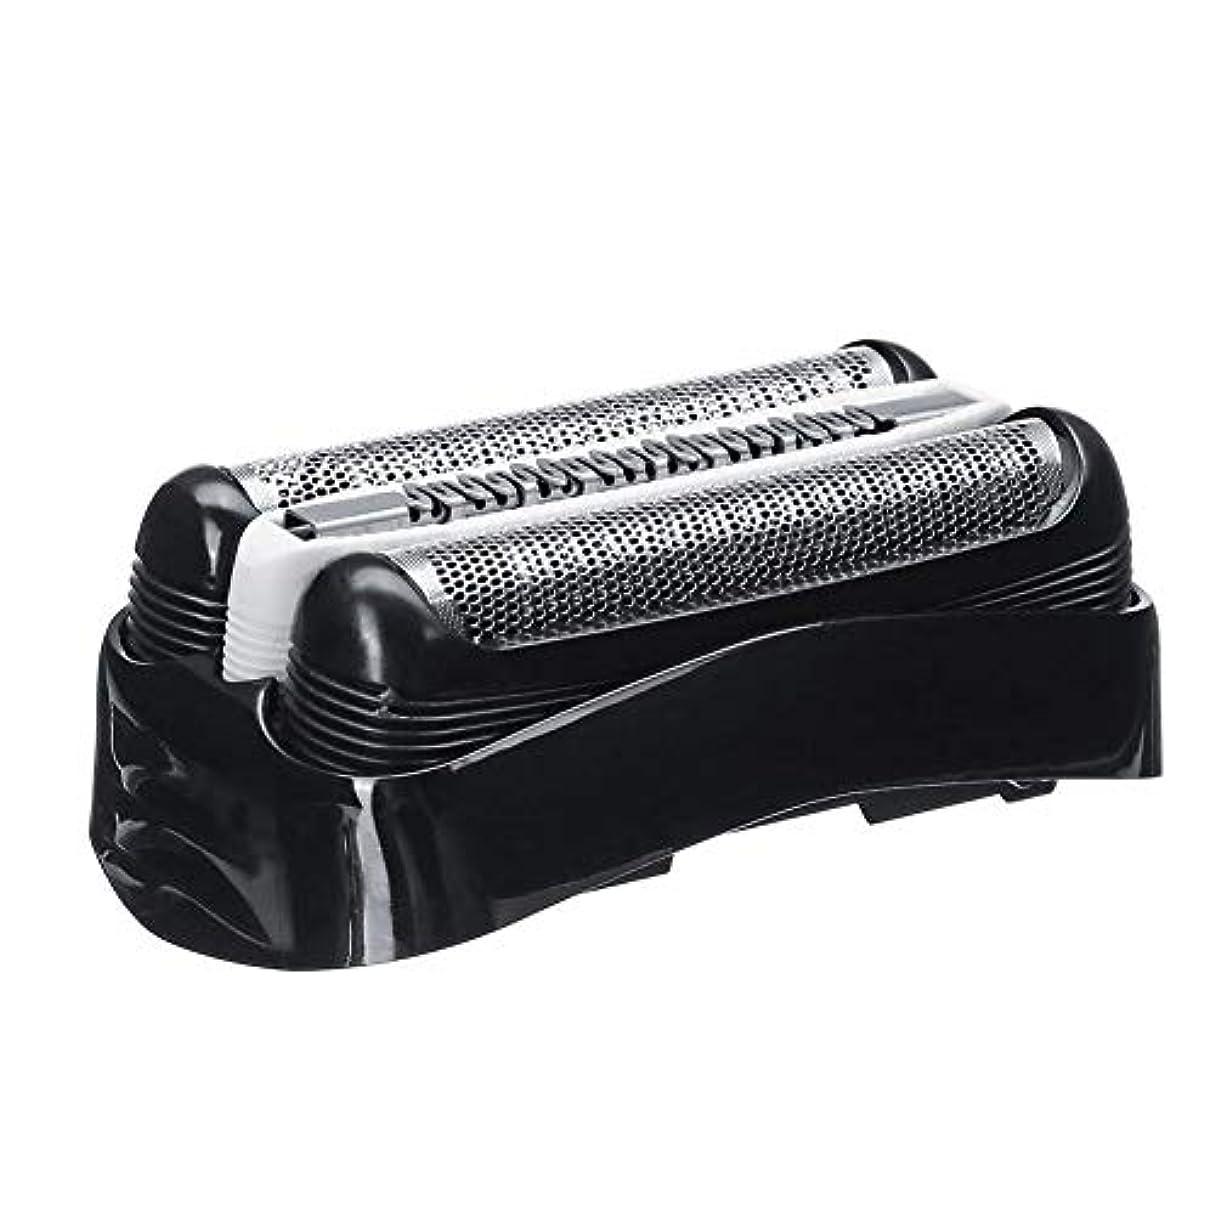 政治家ハイキング開いたシェーバー替刃 Braunシリーズ3用 メンズシェーバー32B用 セット刃 シェーバー交換部品 電気シェーバー交換ヘッドカミソリアクセサリ for Braun Series 3